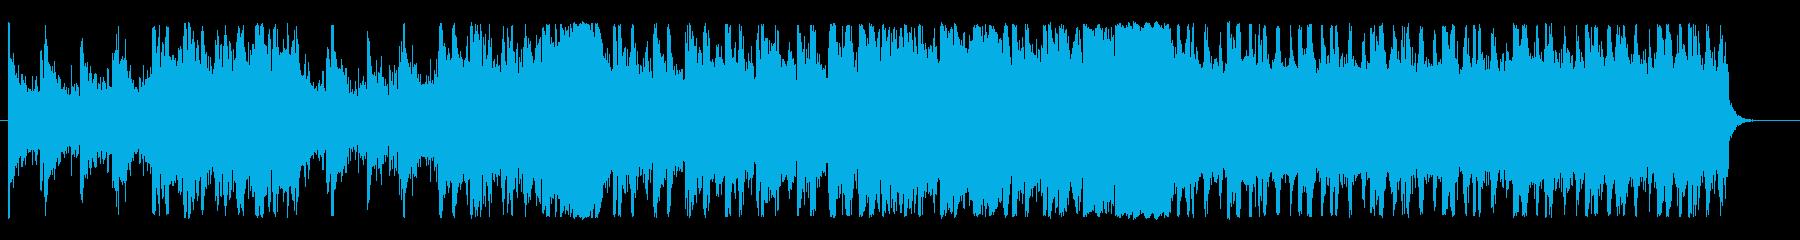 不気味な雰囲気のゲームBGMの再生済みの波形